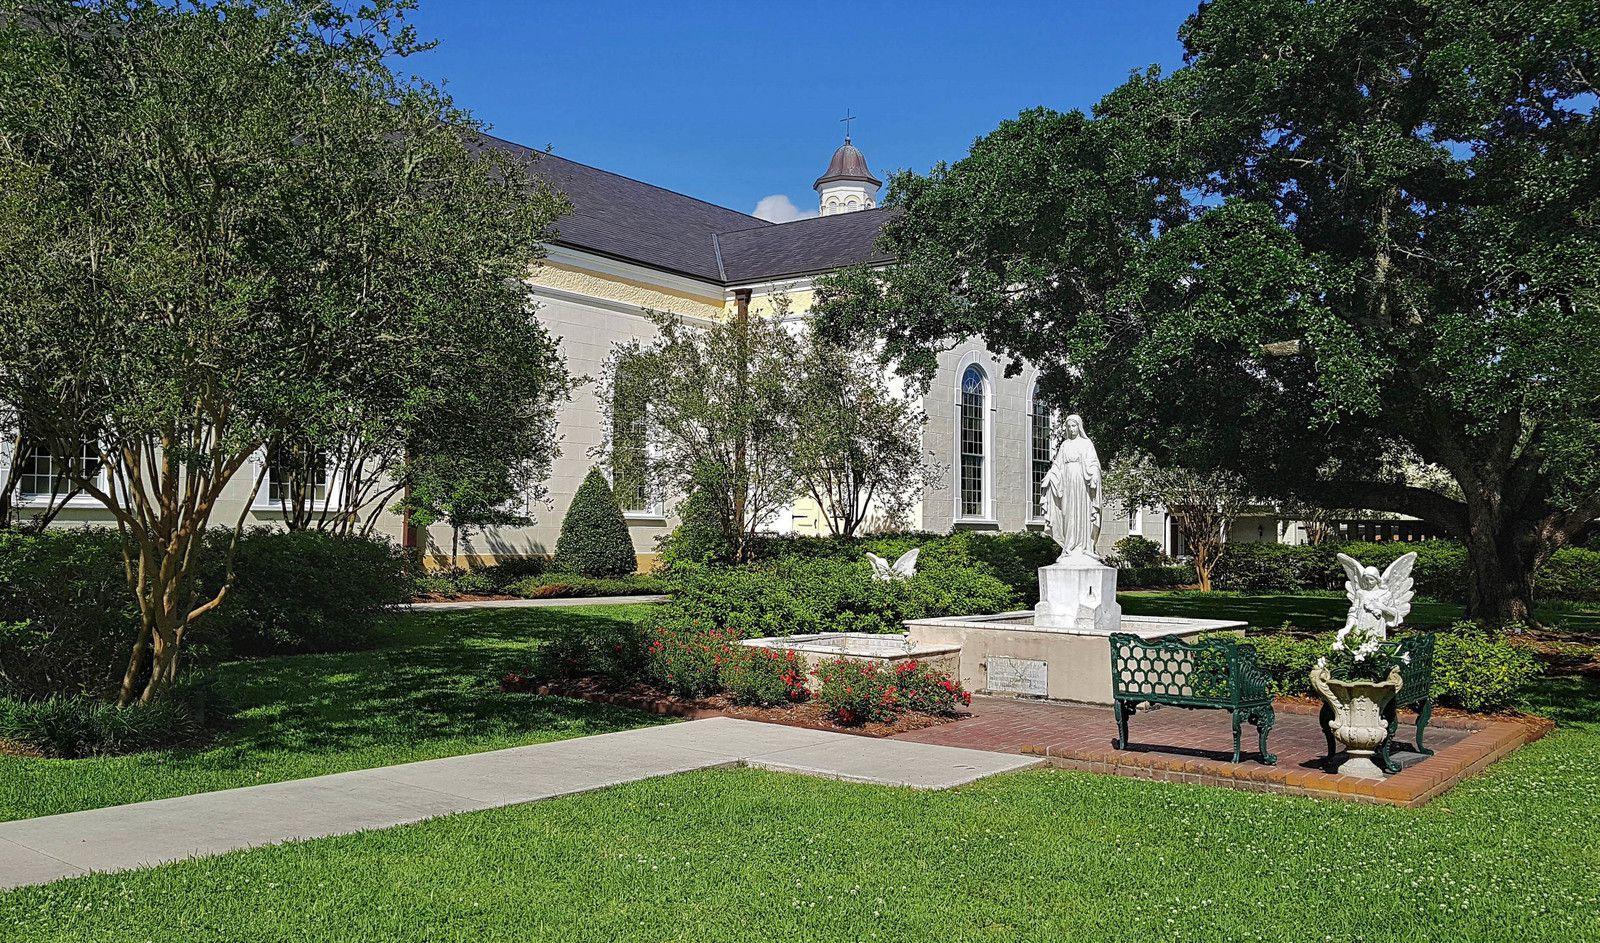 St Martinville jardin de l'église